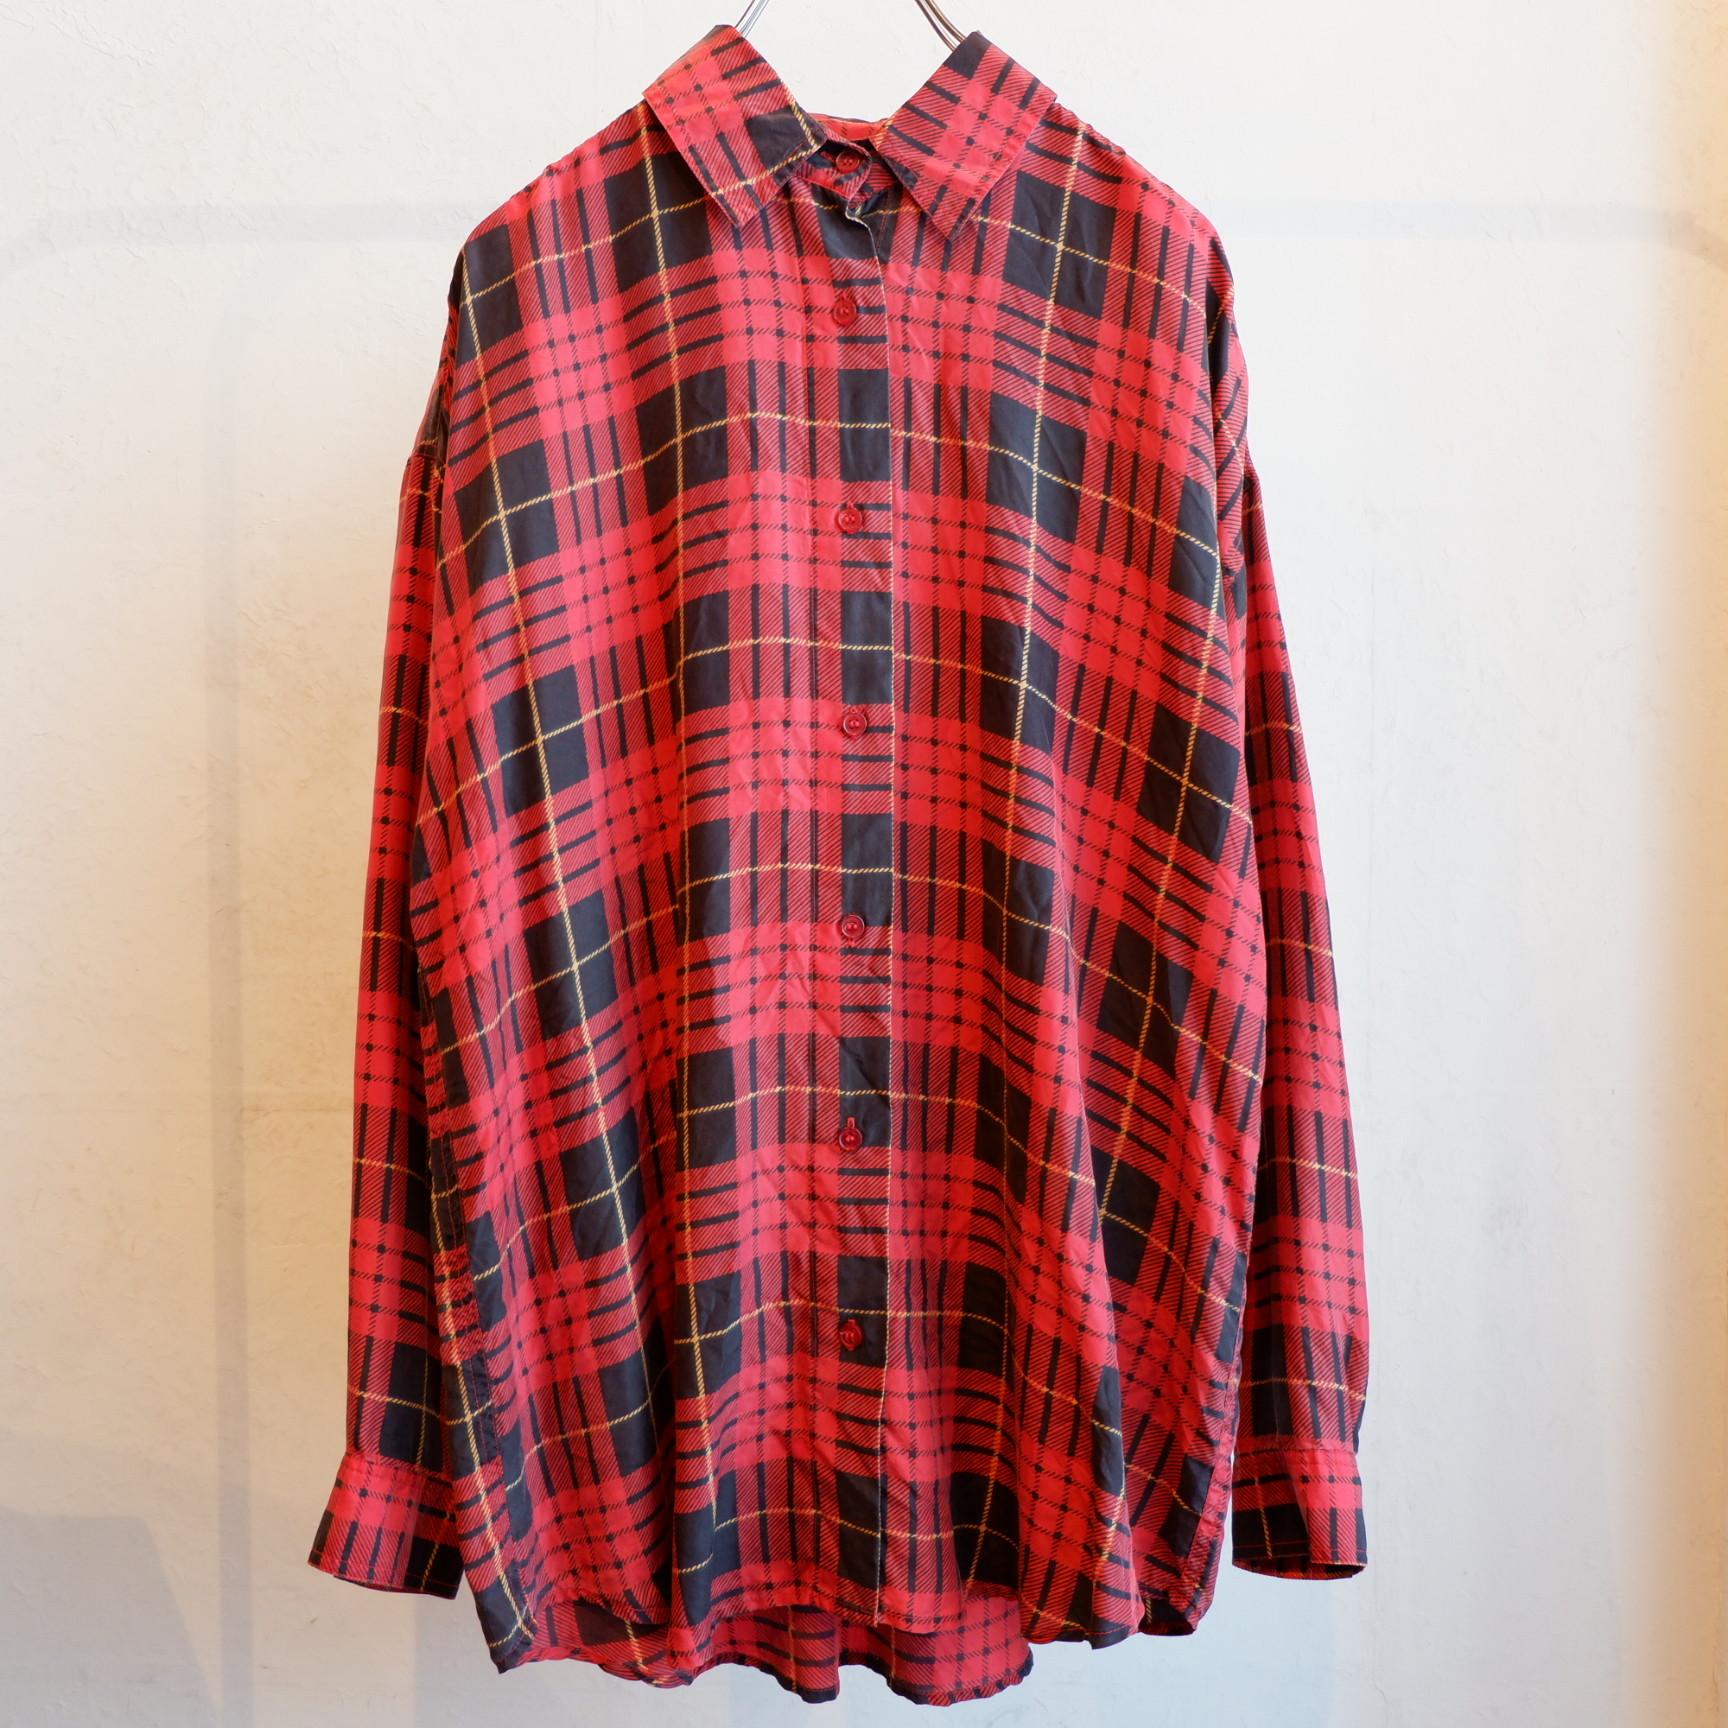 アメリカ古着 タータンチェック シルクシャツ